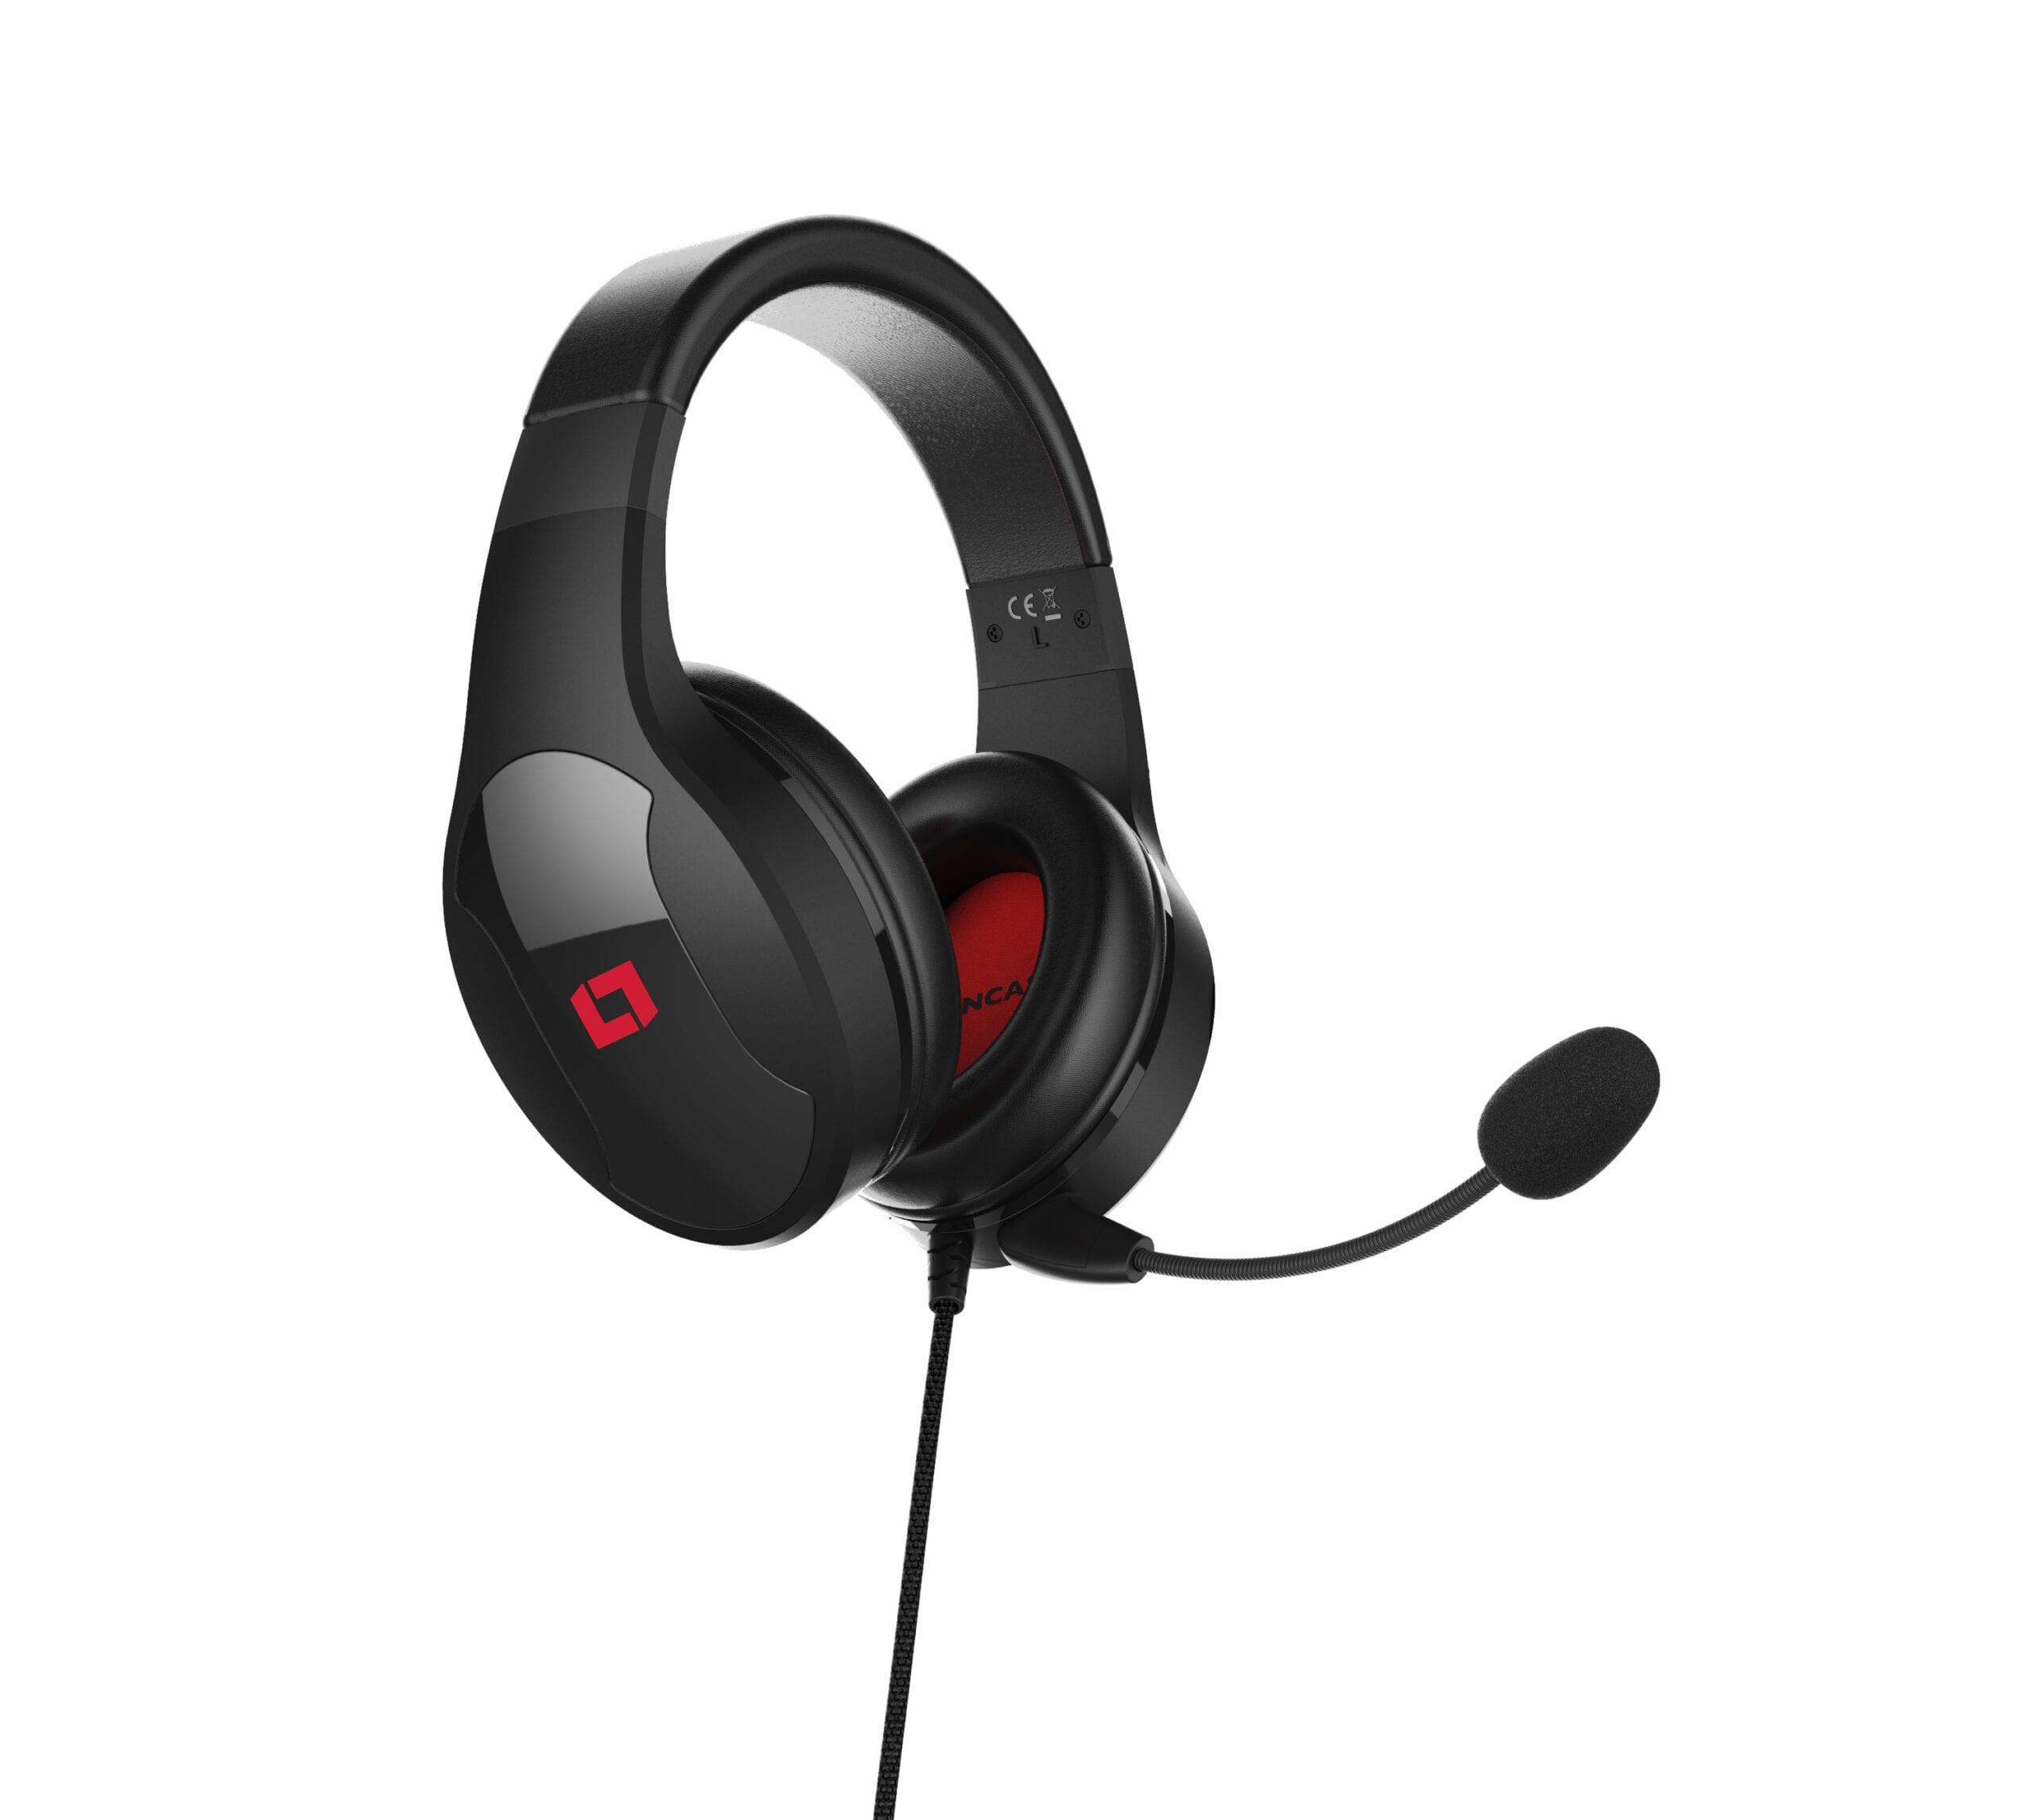 180126-SP-Lioncast-LX20__0007_180126-SP-Lioncast-LX20_0003_180126-SP-Lioncast-LX20-ProductImage-Rechts_Schräg_45deg